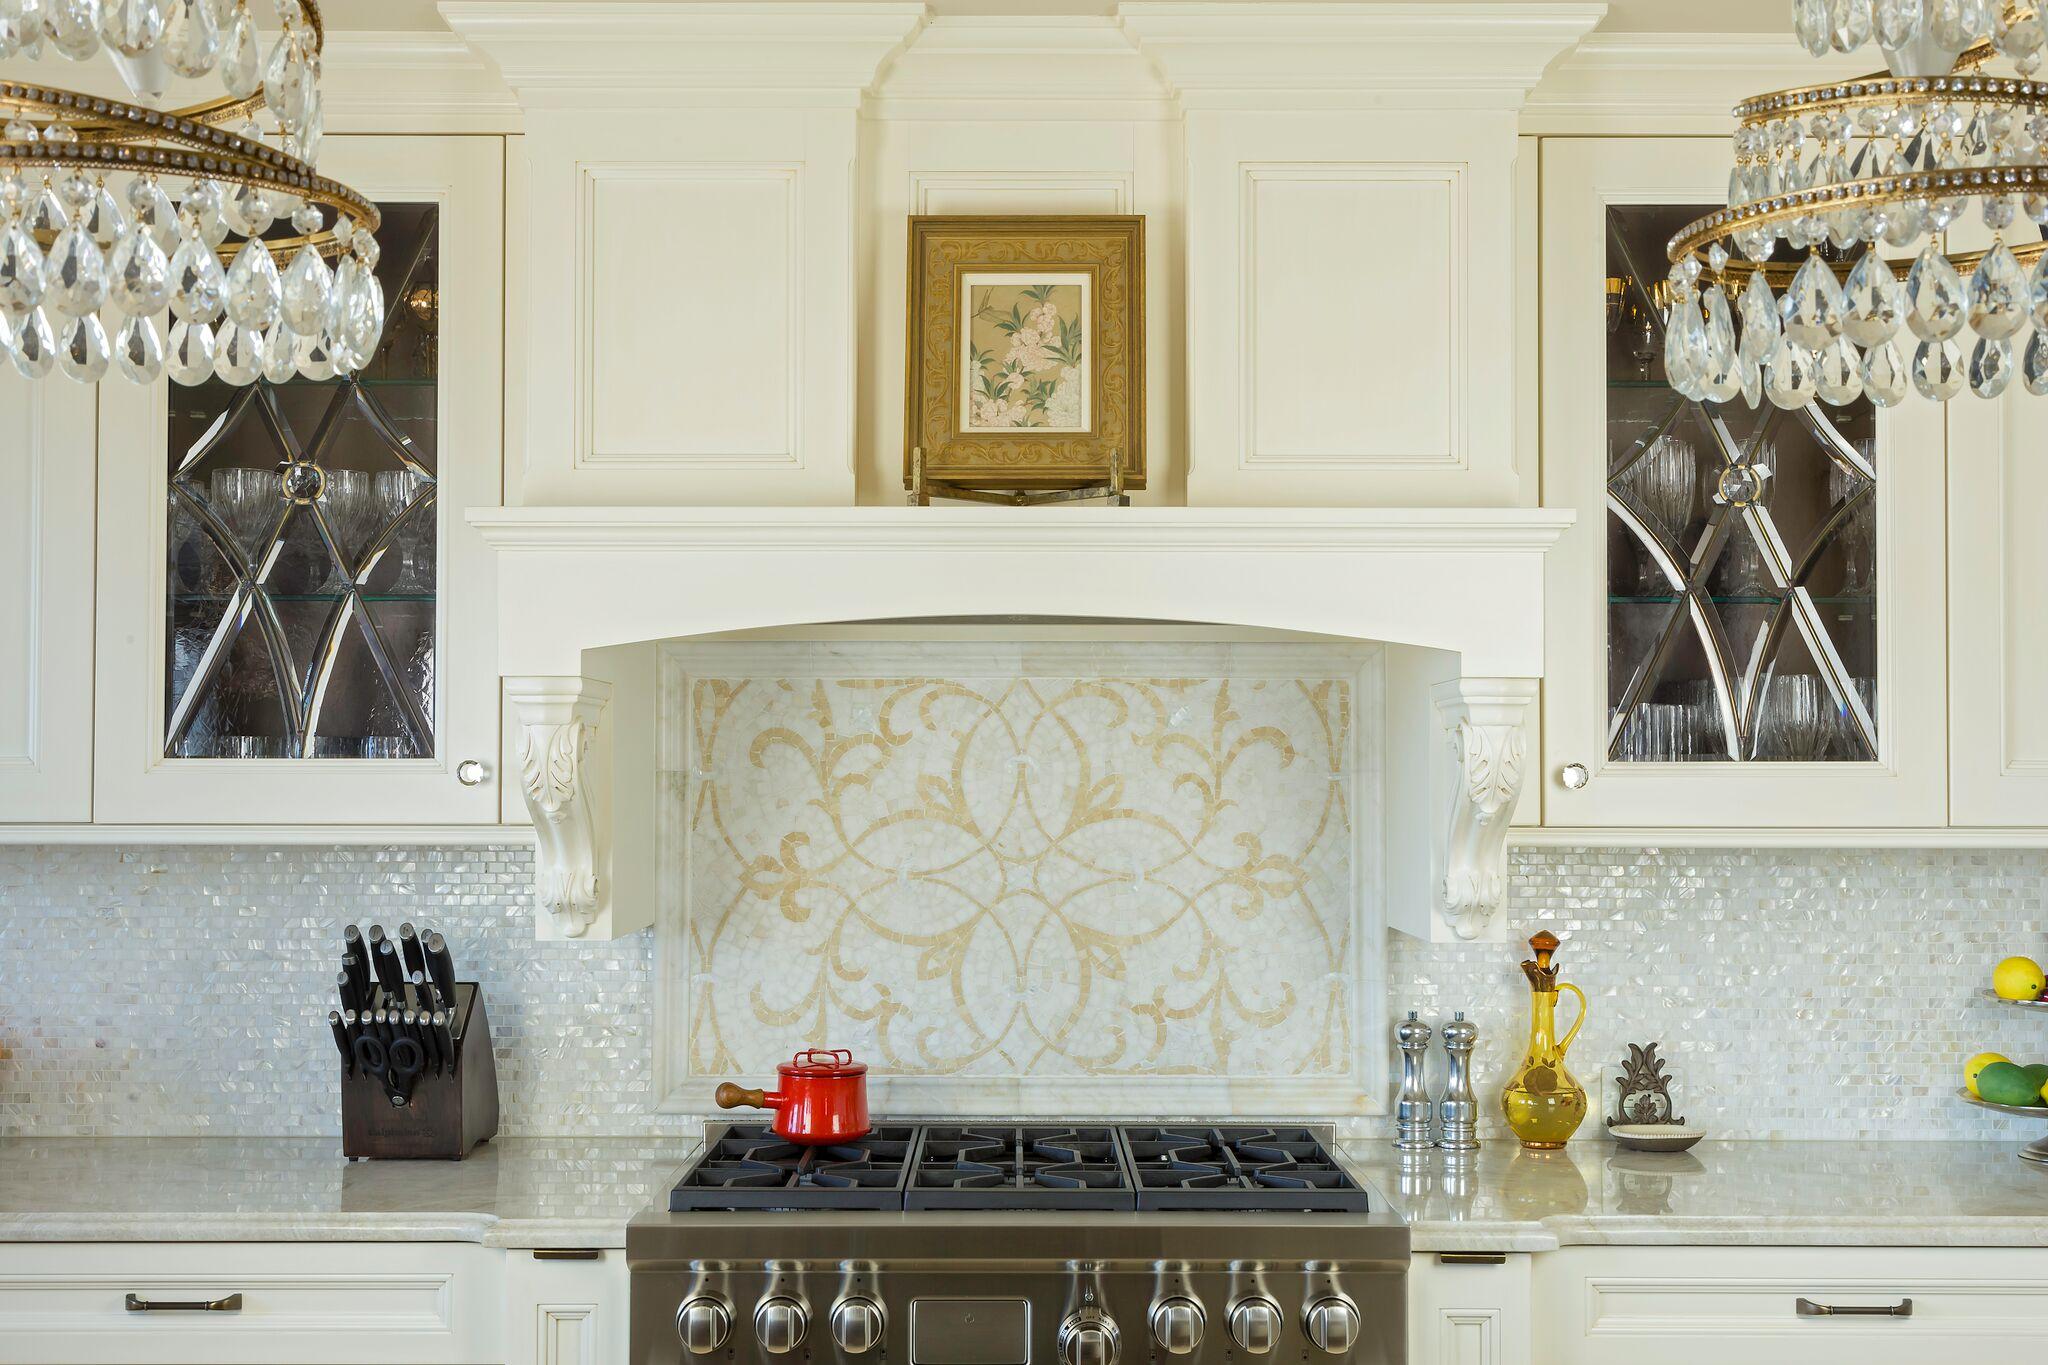 Kitchen Backsplashes: Stone & Tile | Long Island Custom ...